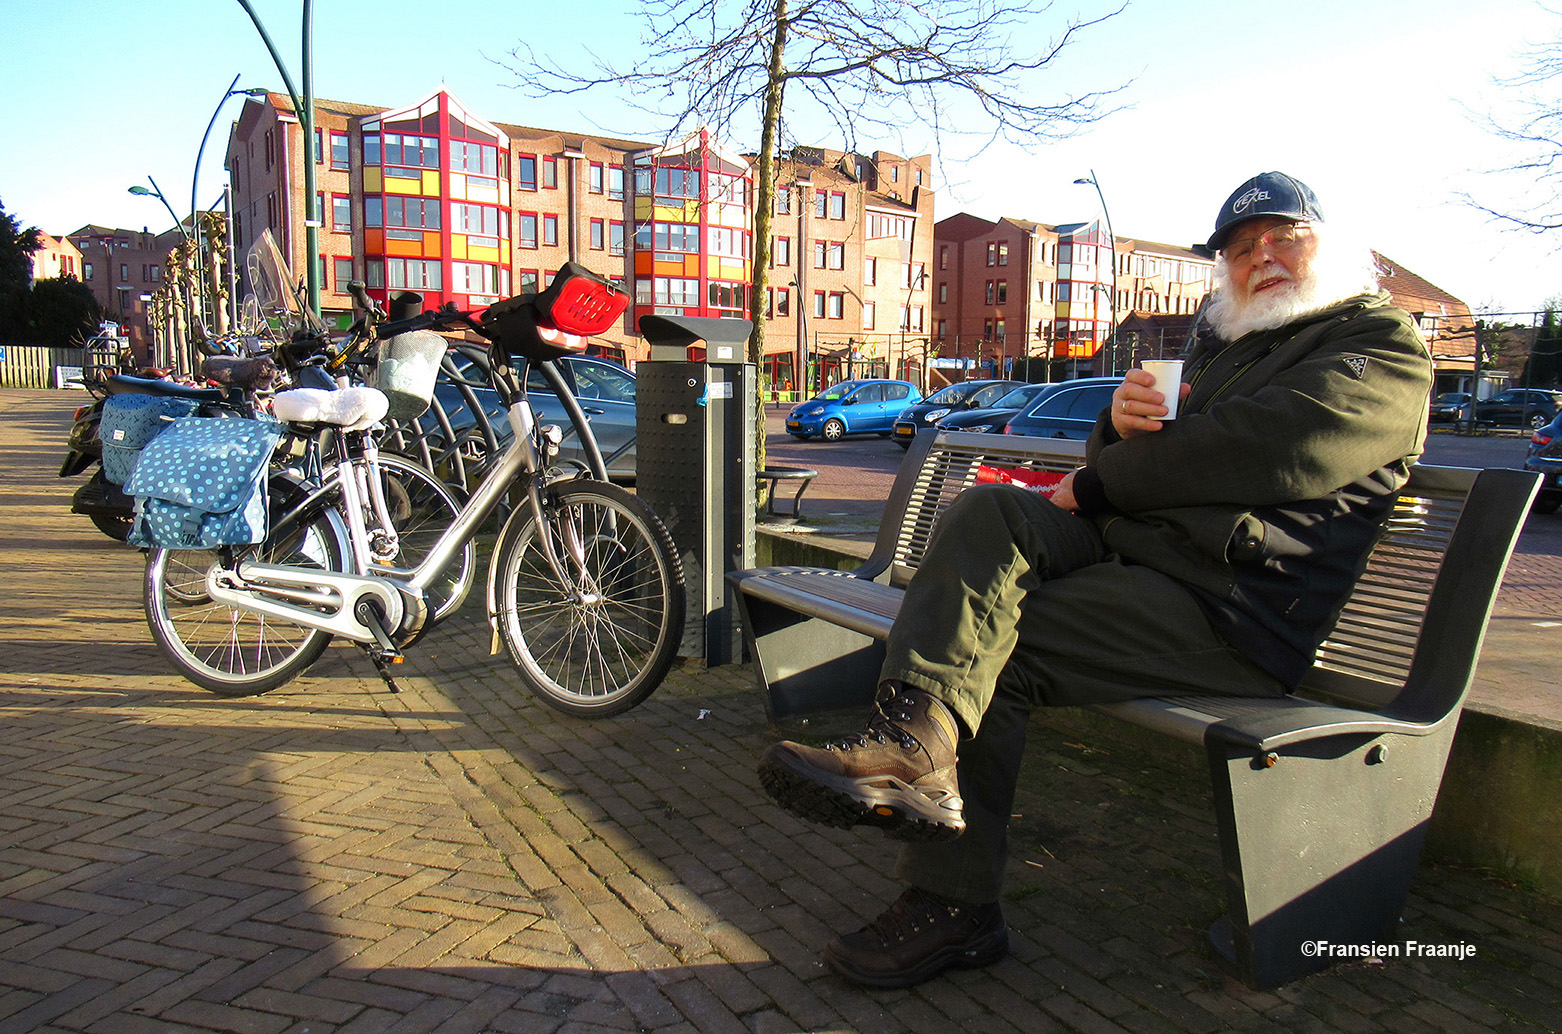 Even lekker uitrusten op een bankje bij het Gowthorpeplein in Barneveld - Foto: ©Fransien Fraanje